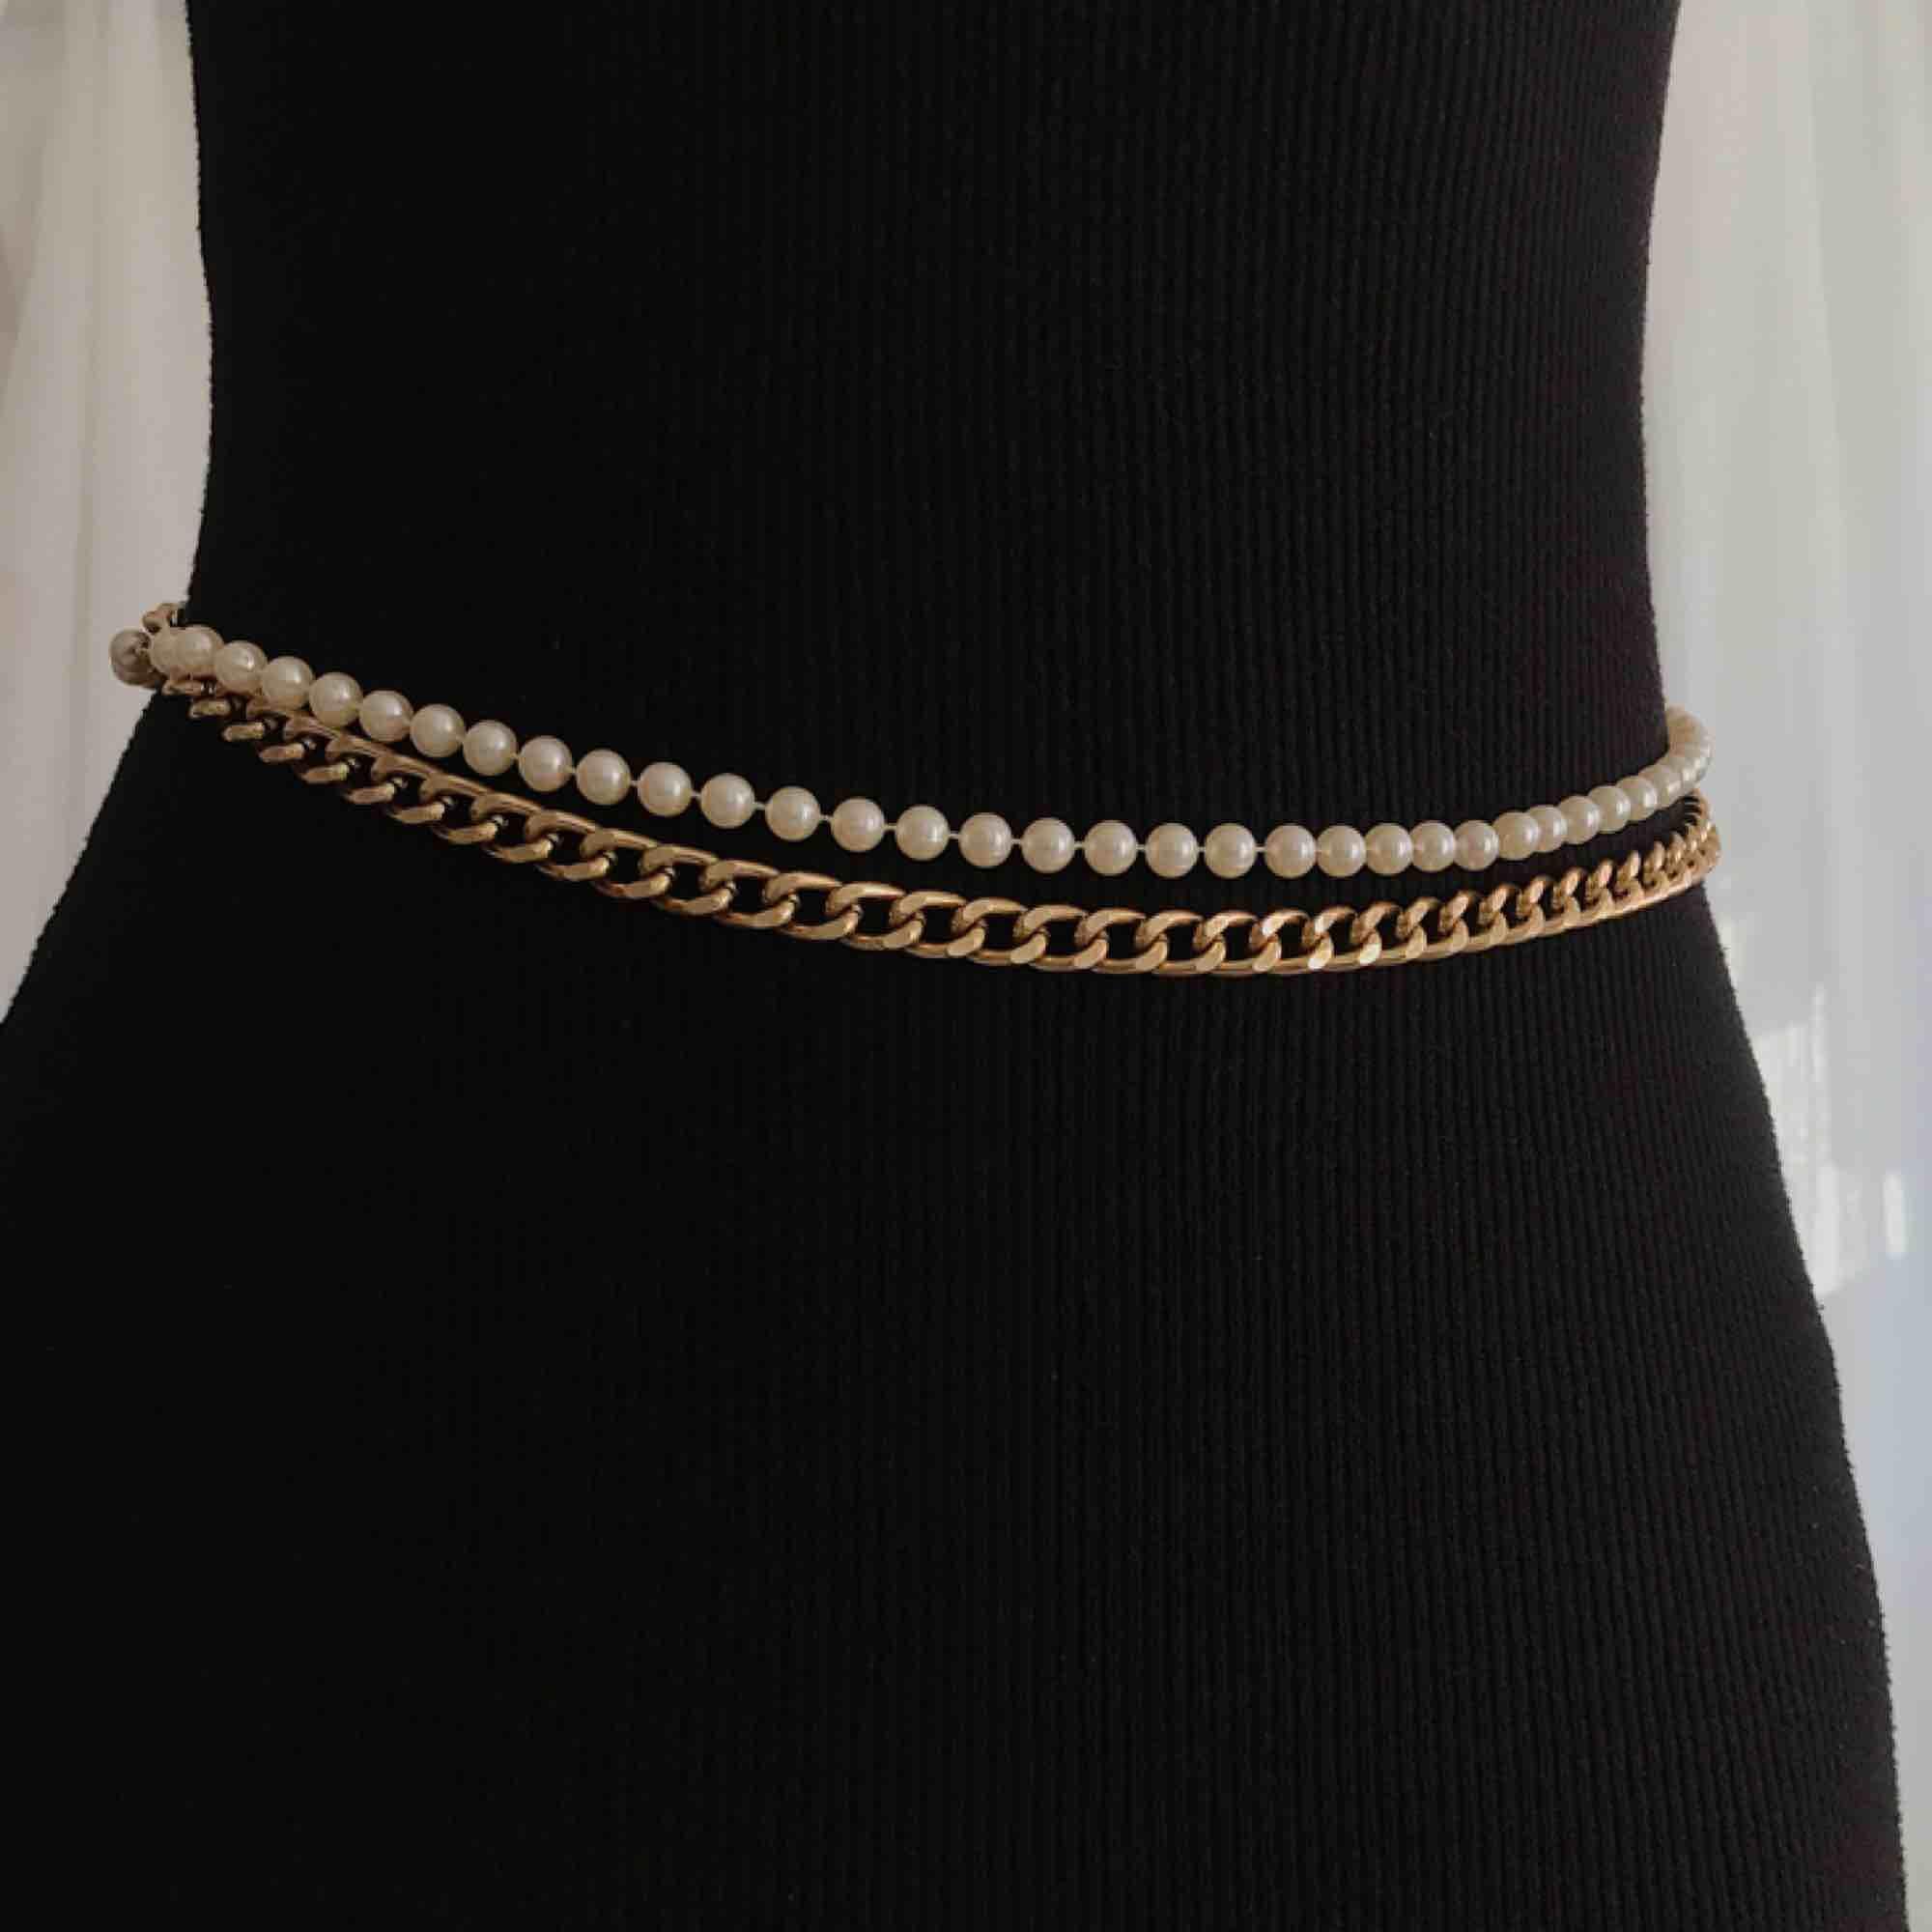 Pärlor med guld kedja bälte ✨ 80 cm lång. Frakt 15kr. Accessoarer.